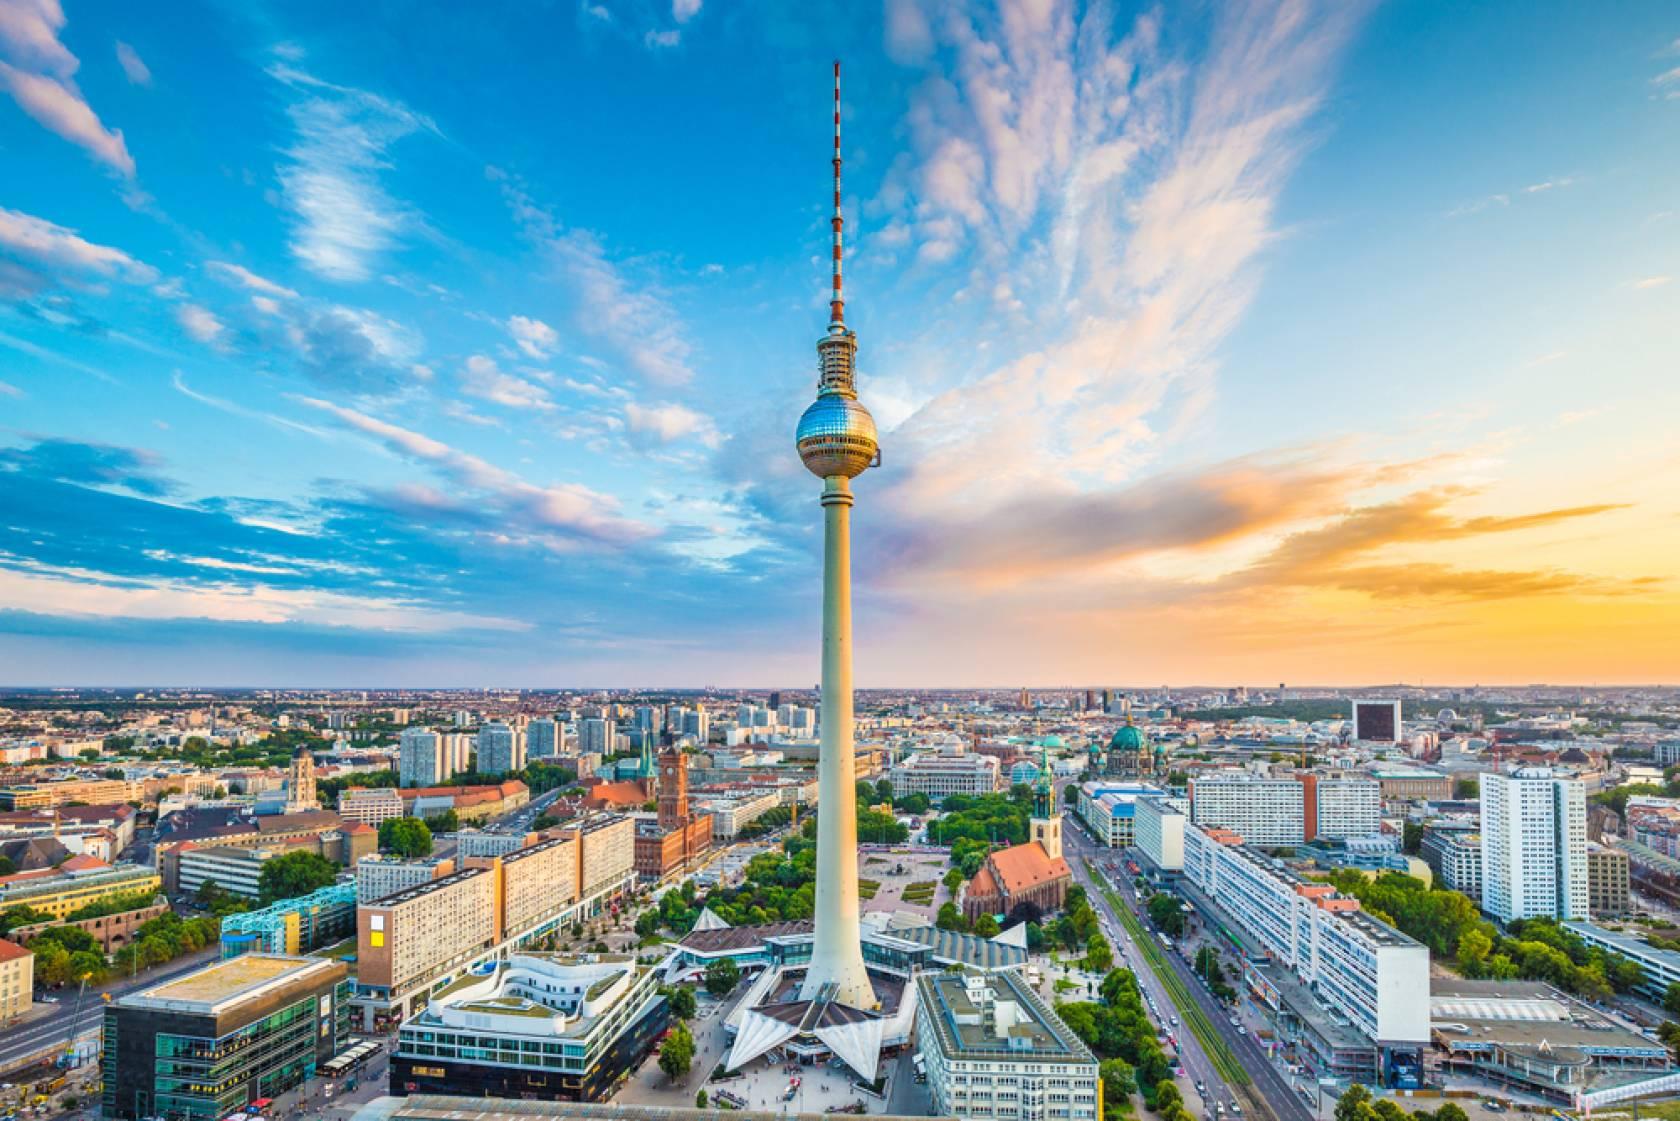 ベルリン滞在と世界遺産ライン川観光、ミュンヘンとノイシュヴァン ...